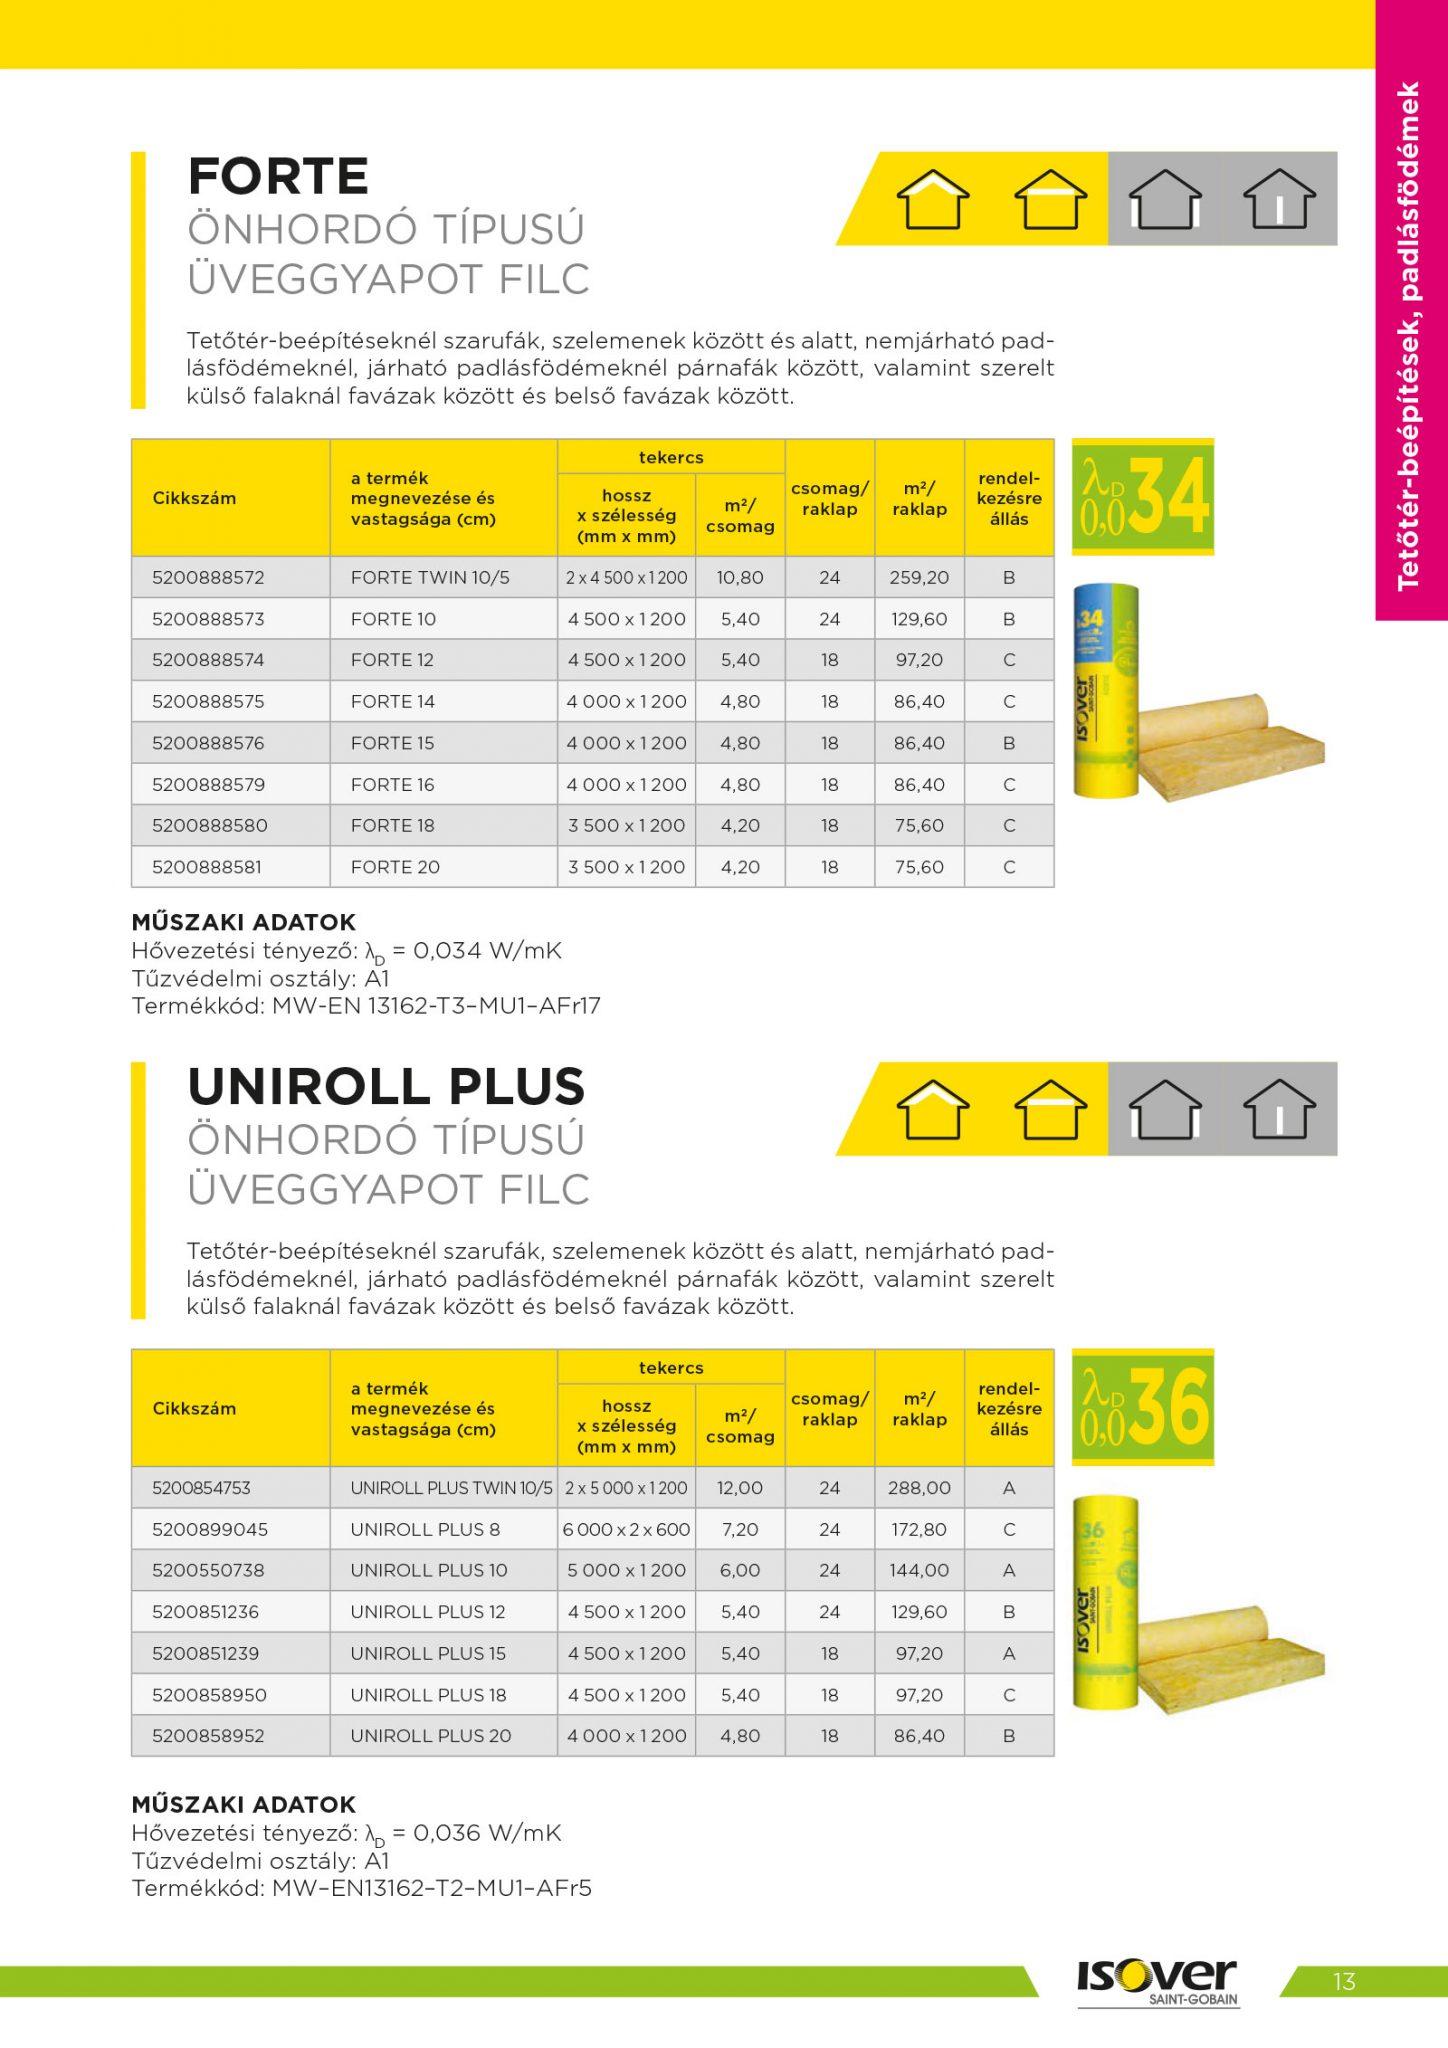 Isover árak 2021 / 13 oldal